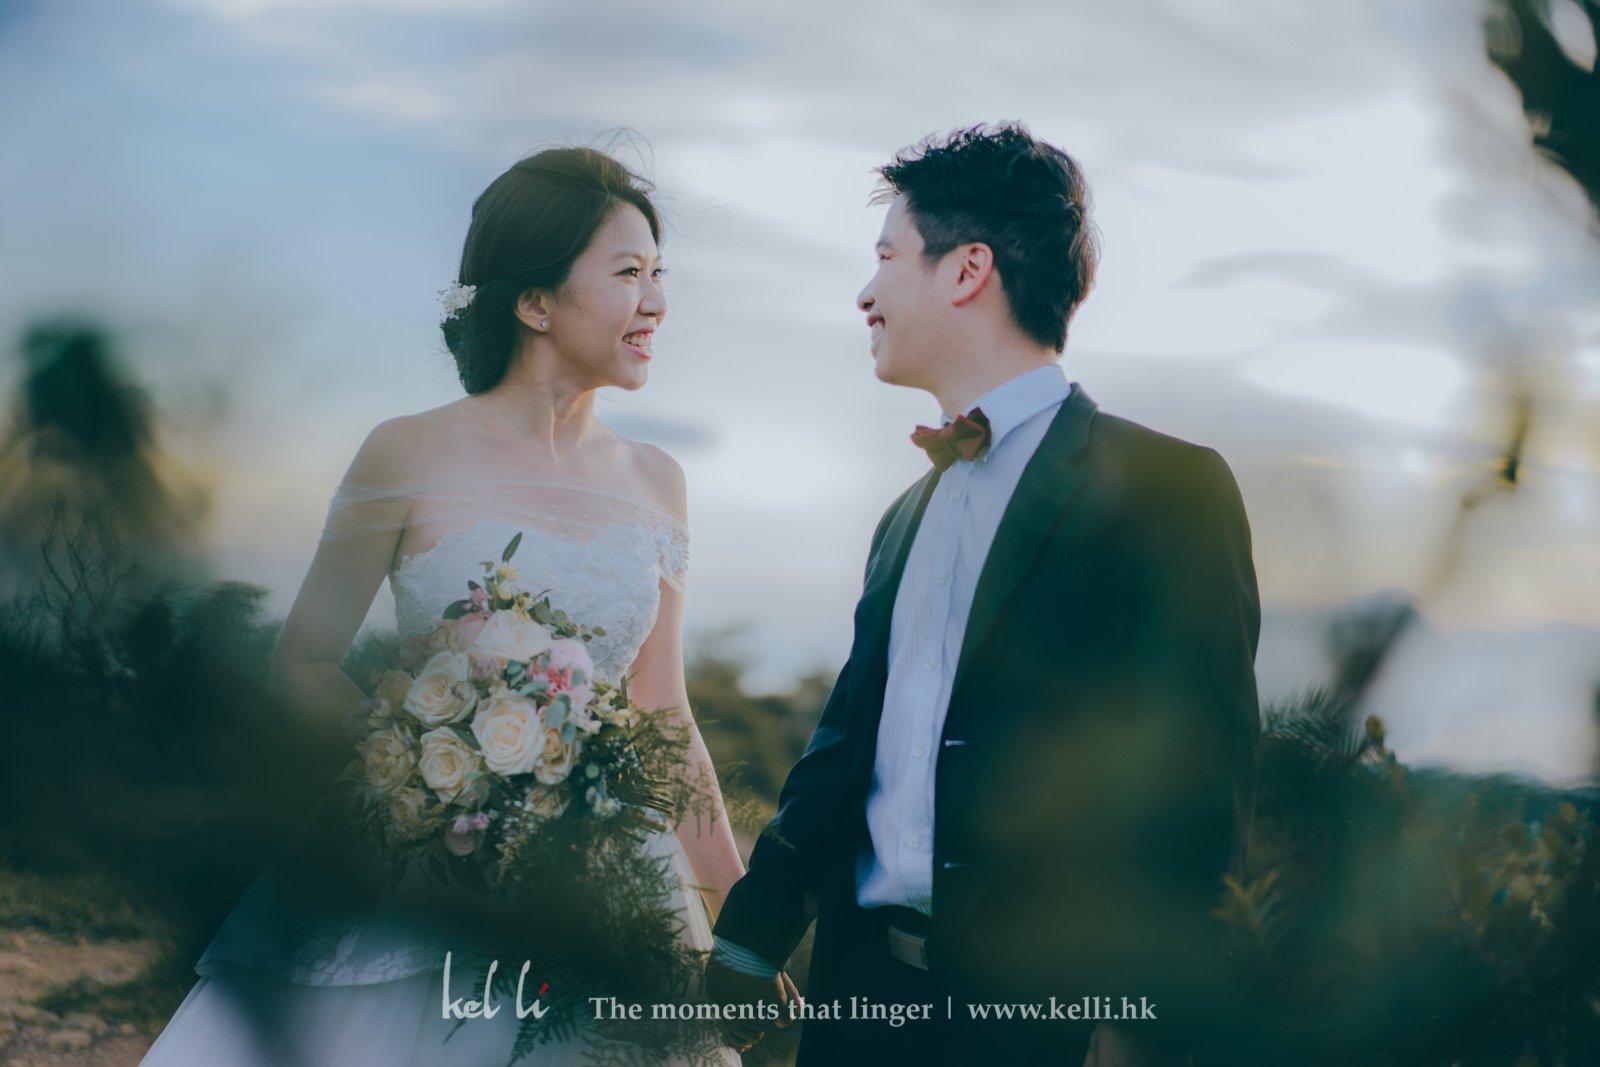 這種近乎菲林感的婚紗照,細膩地描繪著新人的關係,新人的情感